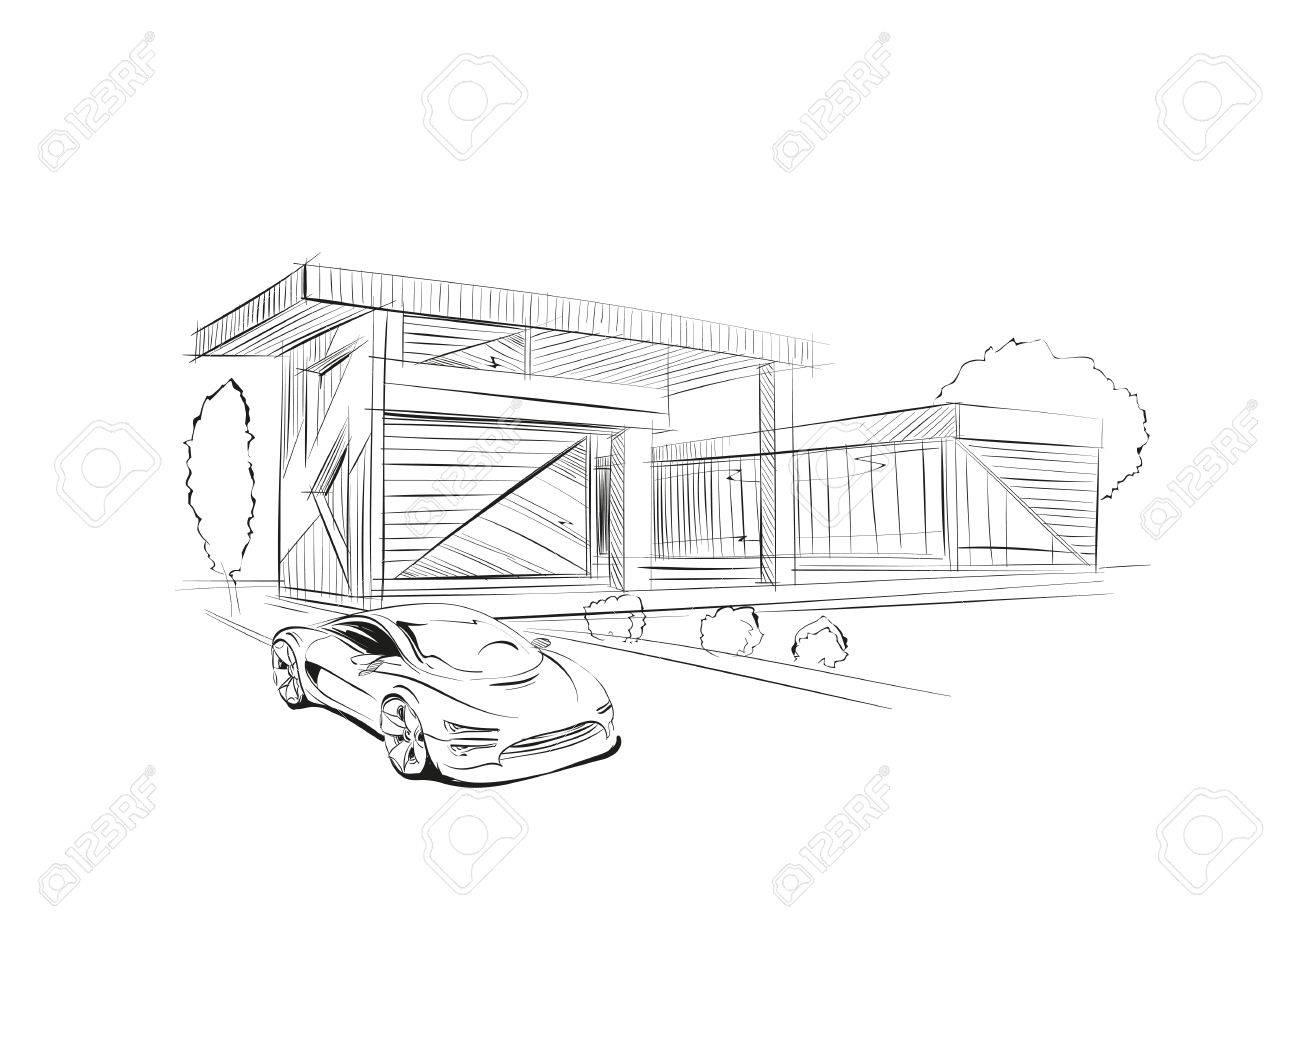 Hand Drawn Cottage House Sketch Design Vector Illustration